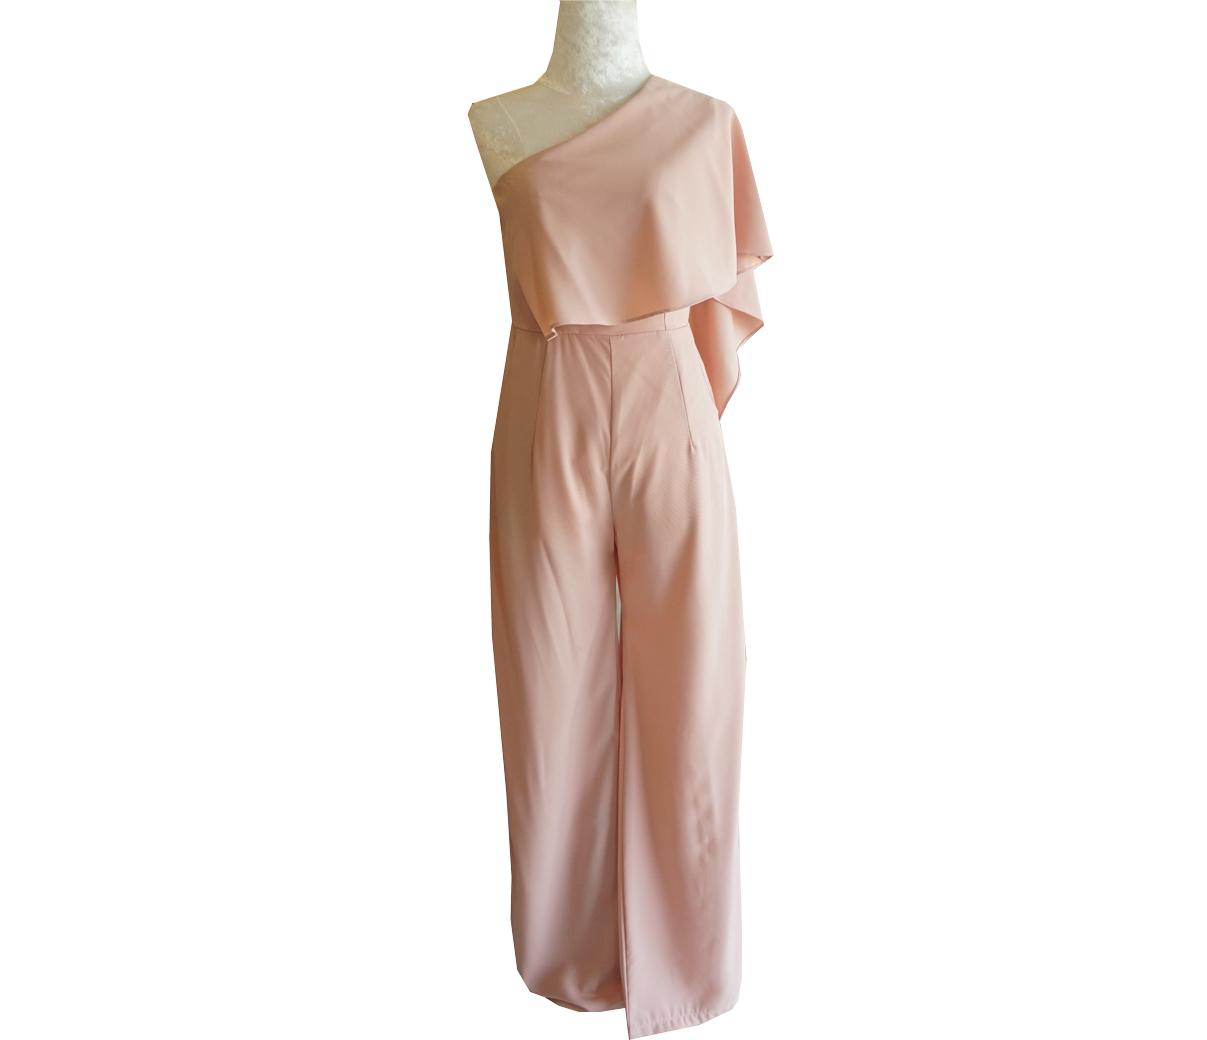 ชุดจั๊มสูทกางเกงขายาวสีชมพู ไหล่เฉียงสไบข้าง : สินค้าพร้อมส่ง S M L